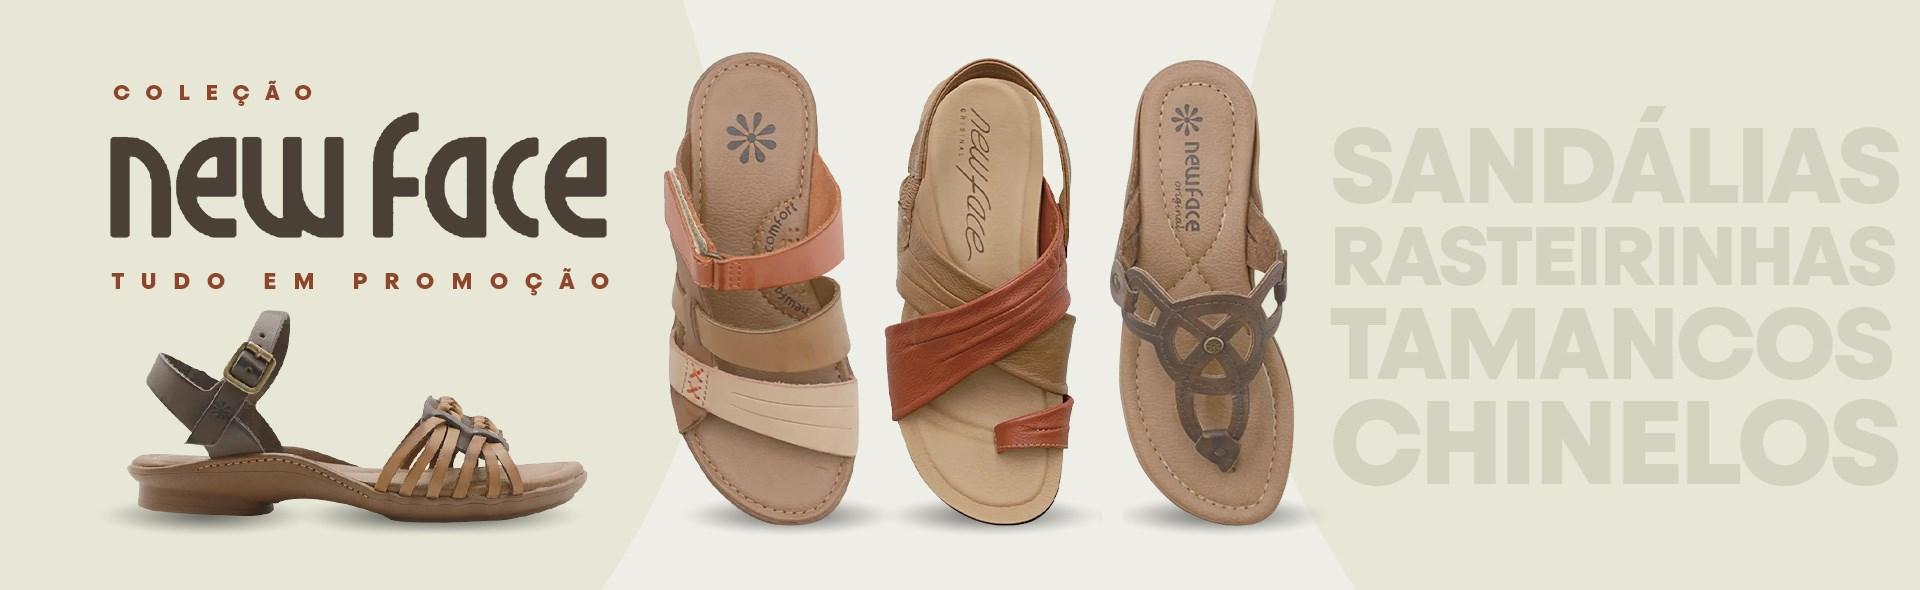 Anita Shoes - Calçados e Acessórios - Feminino - Confira calçados femininos em diversas marcas, cores e modelos